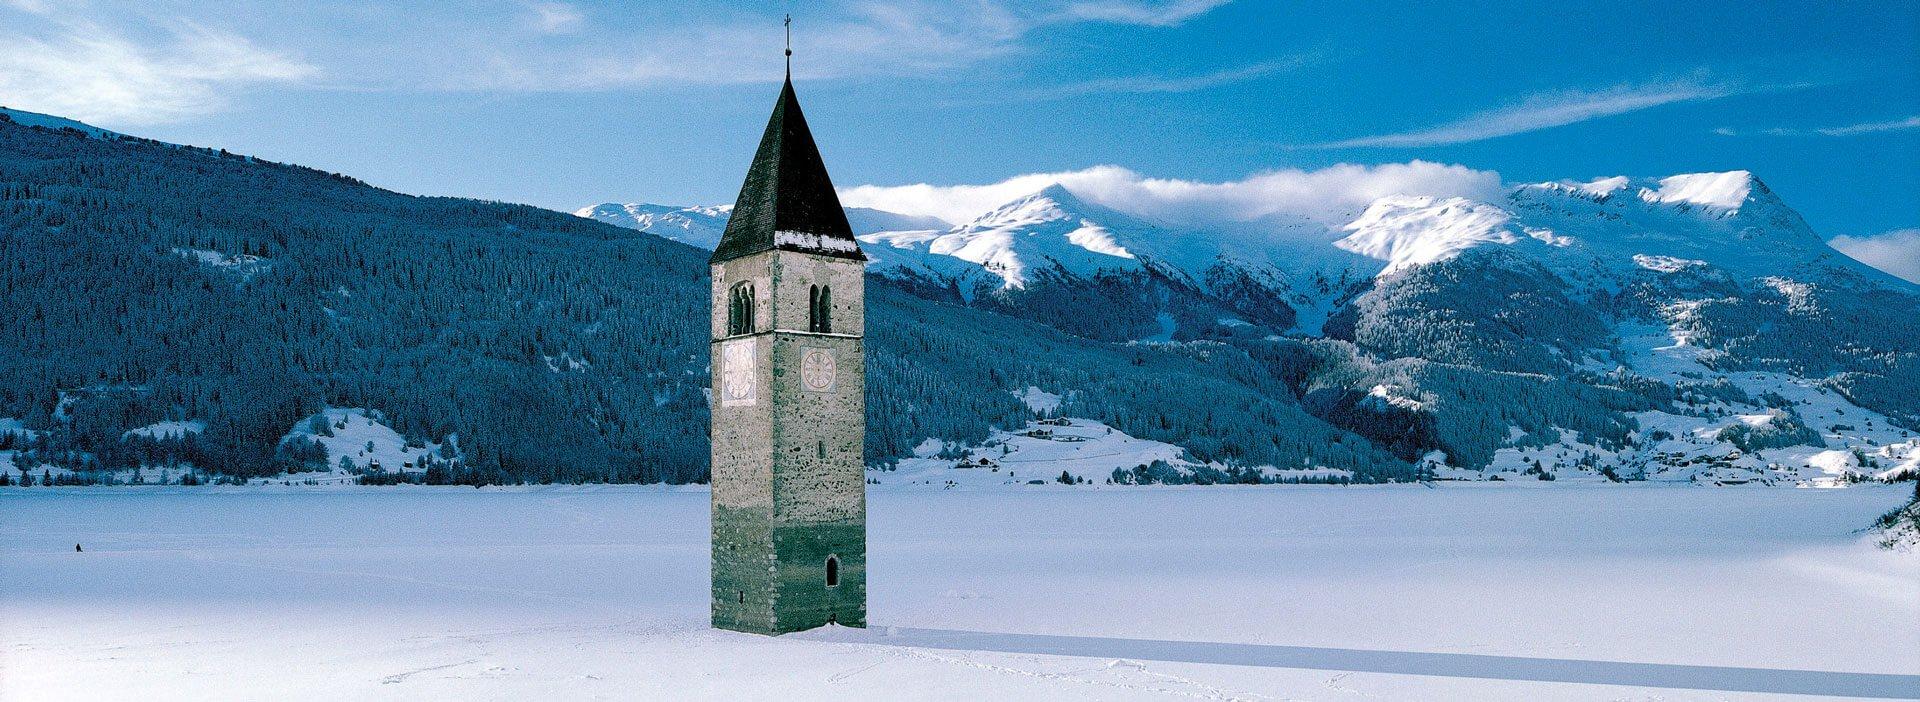 winterurlaub-vinschgau-04